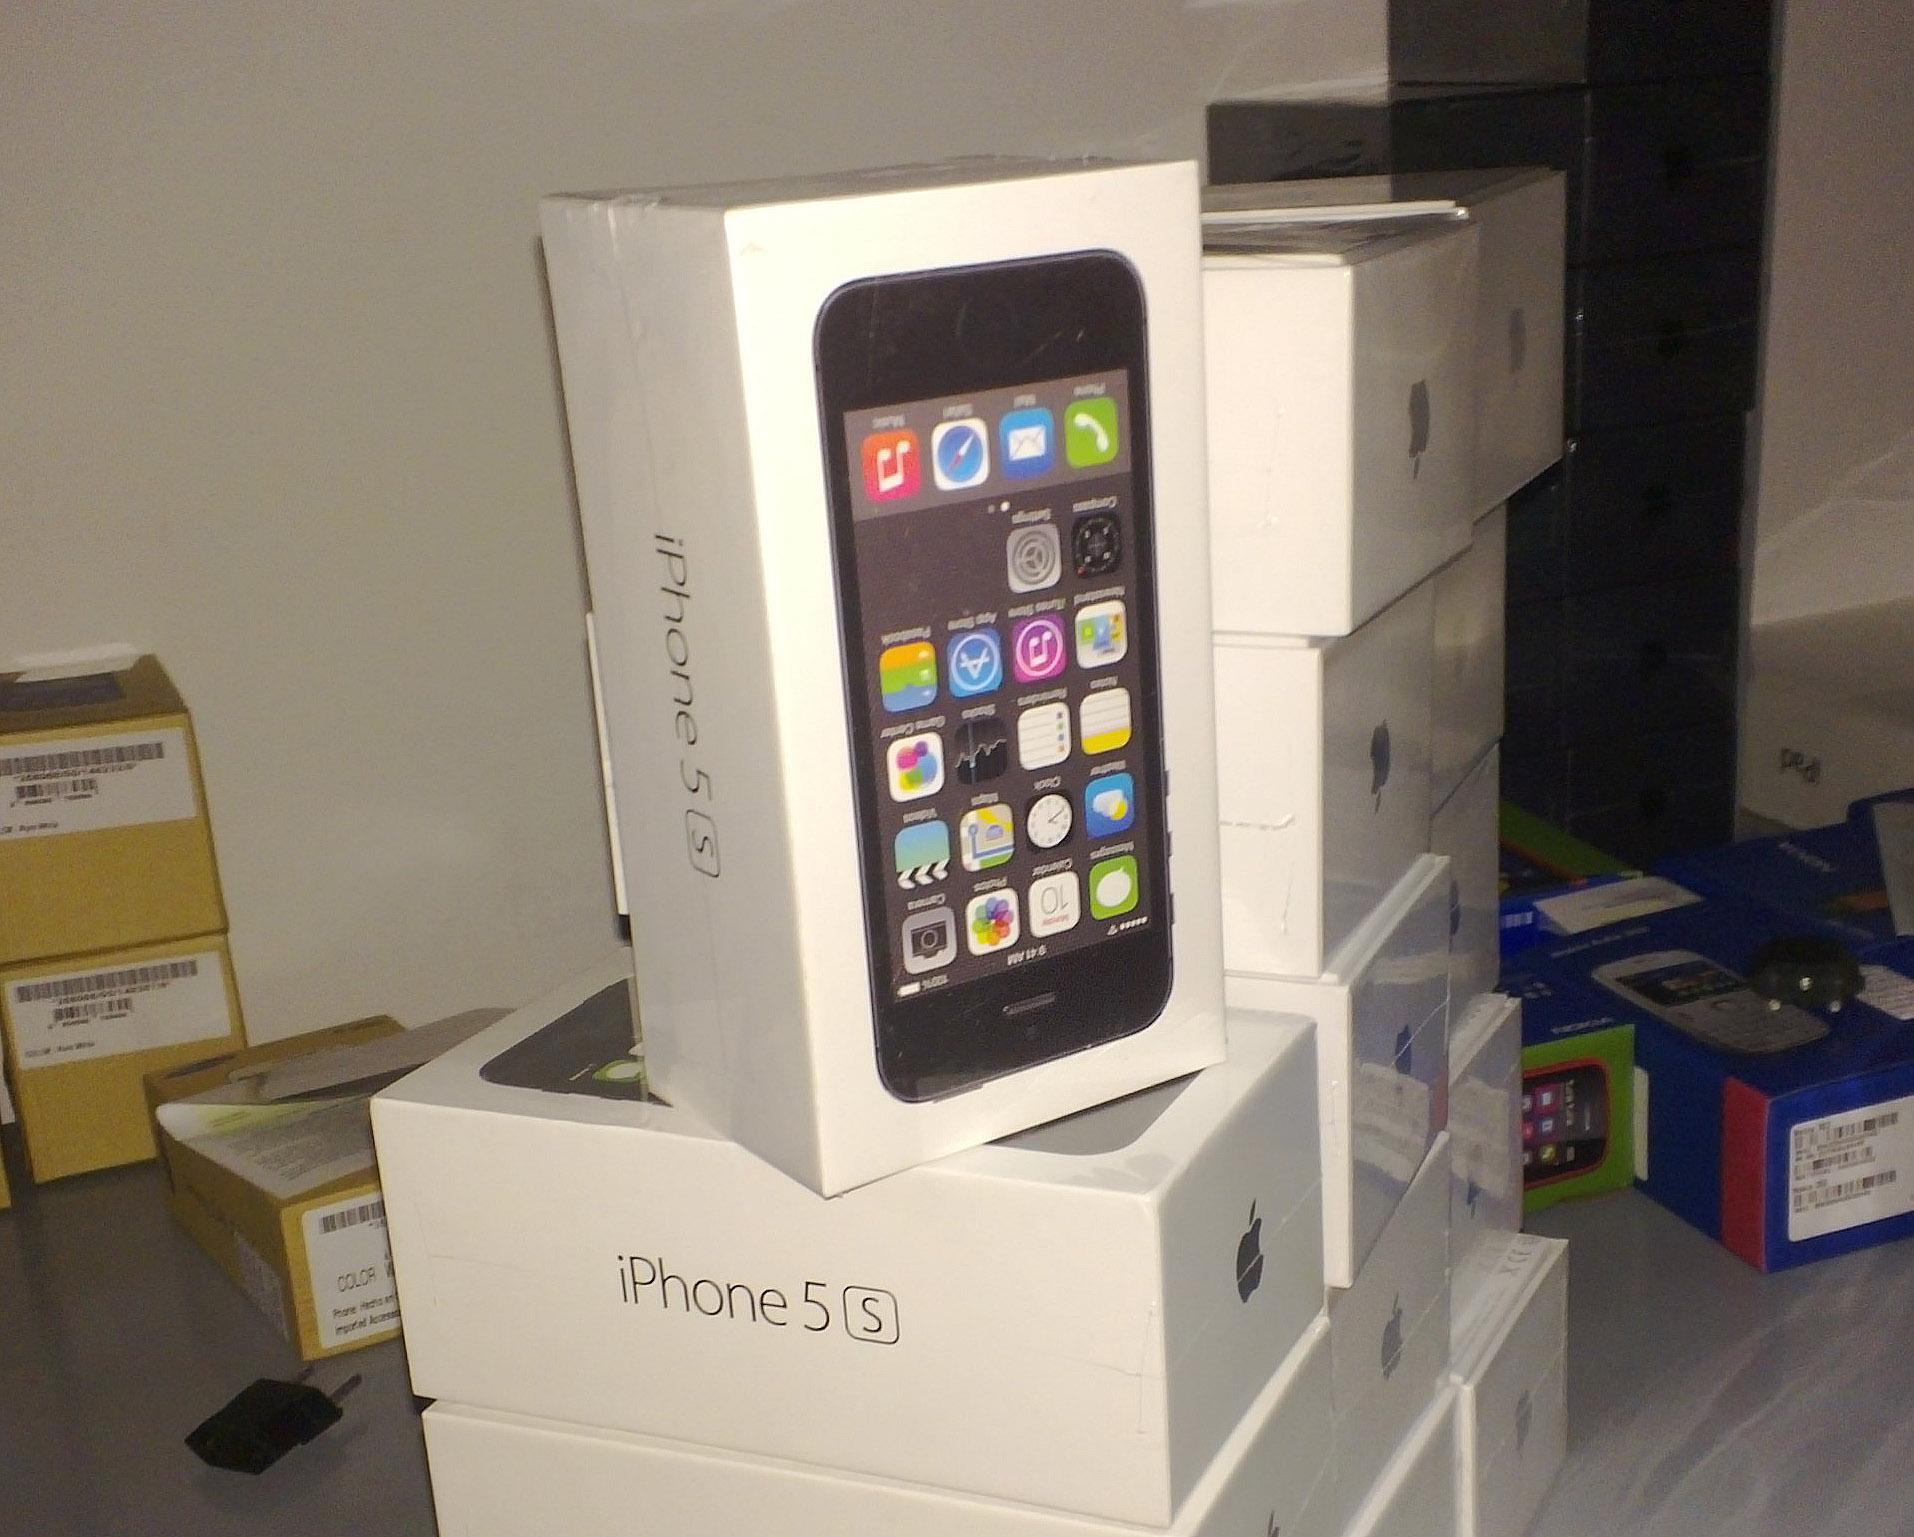 În curând iPhone 5s va fi disponibil şi în România